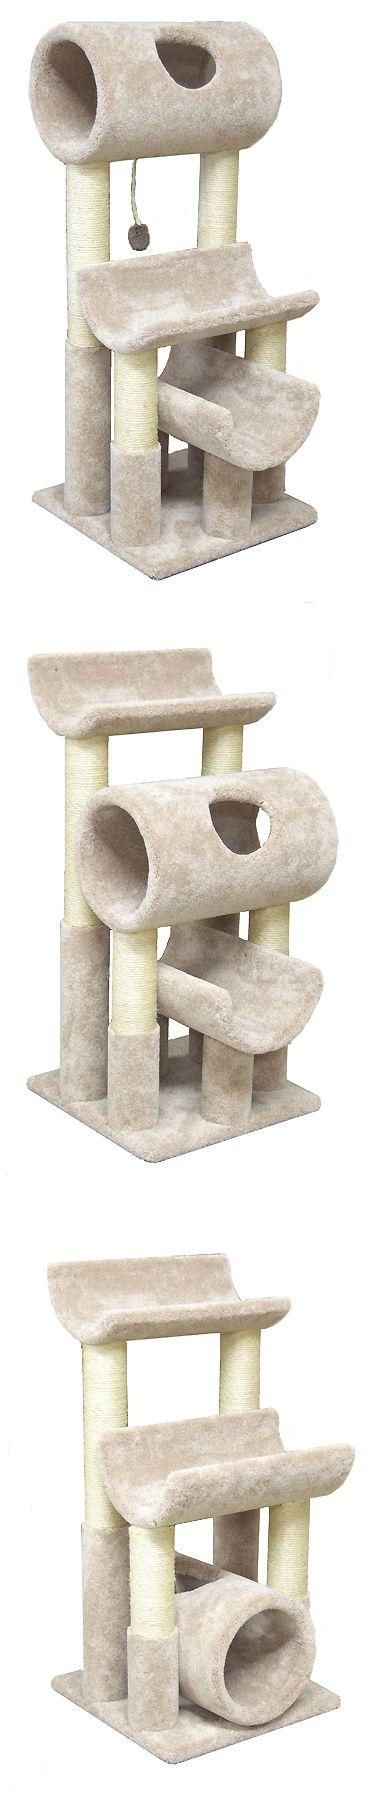 3in1 convertible cat tree furniture - Cat Jungle Gym